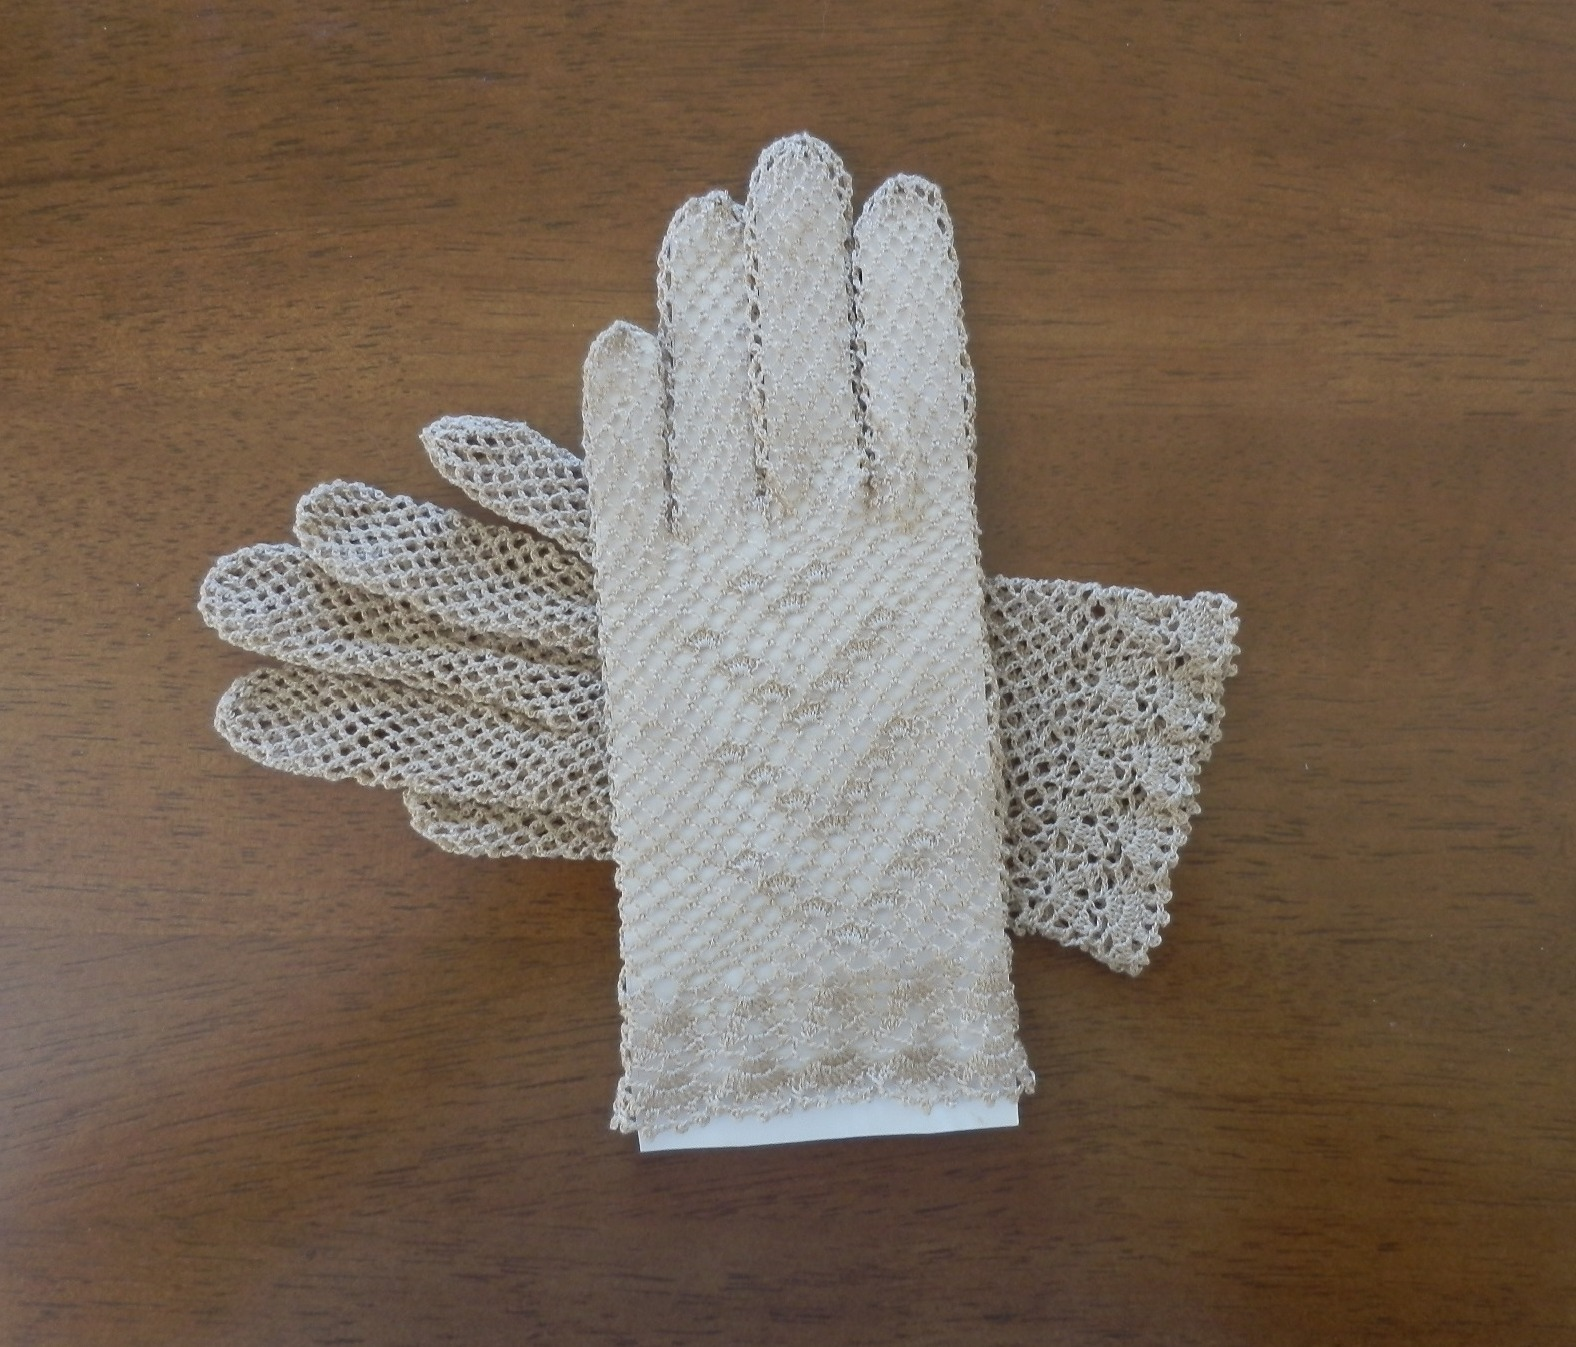 cc1189a8349 béžové háčkované krajkové rukavičky   Zboží prodejce Perlorodka ...